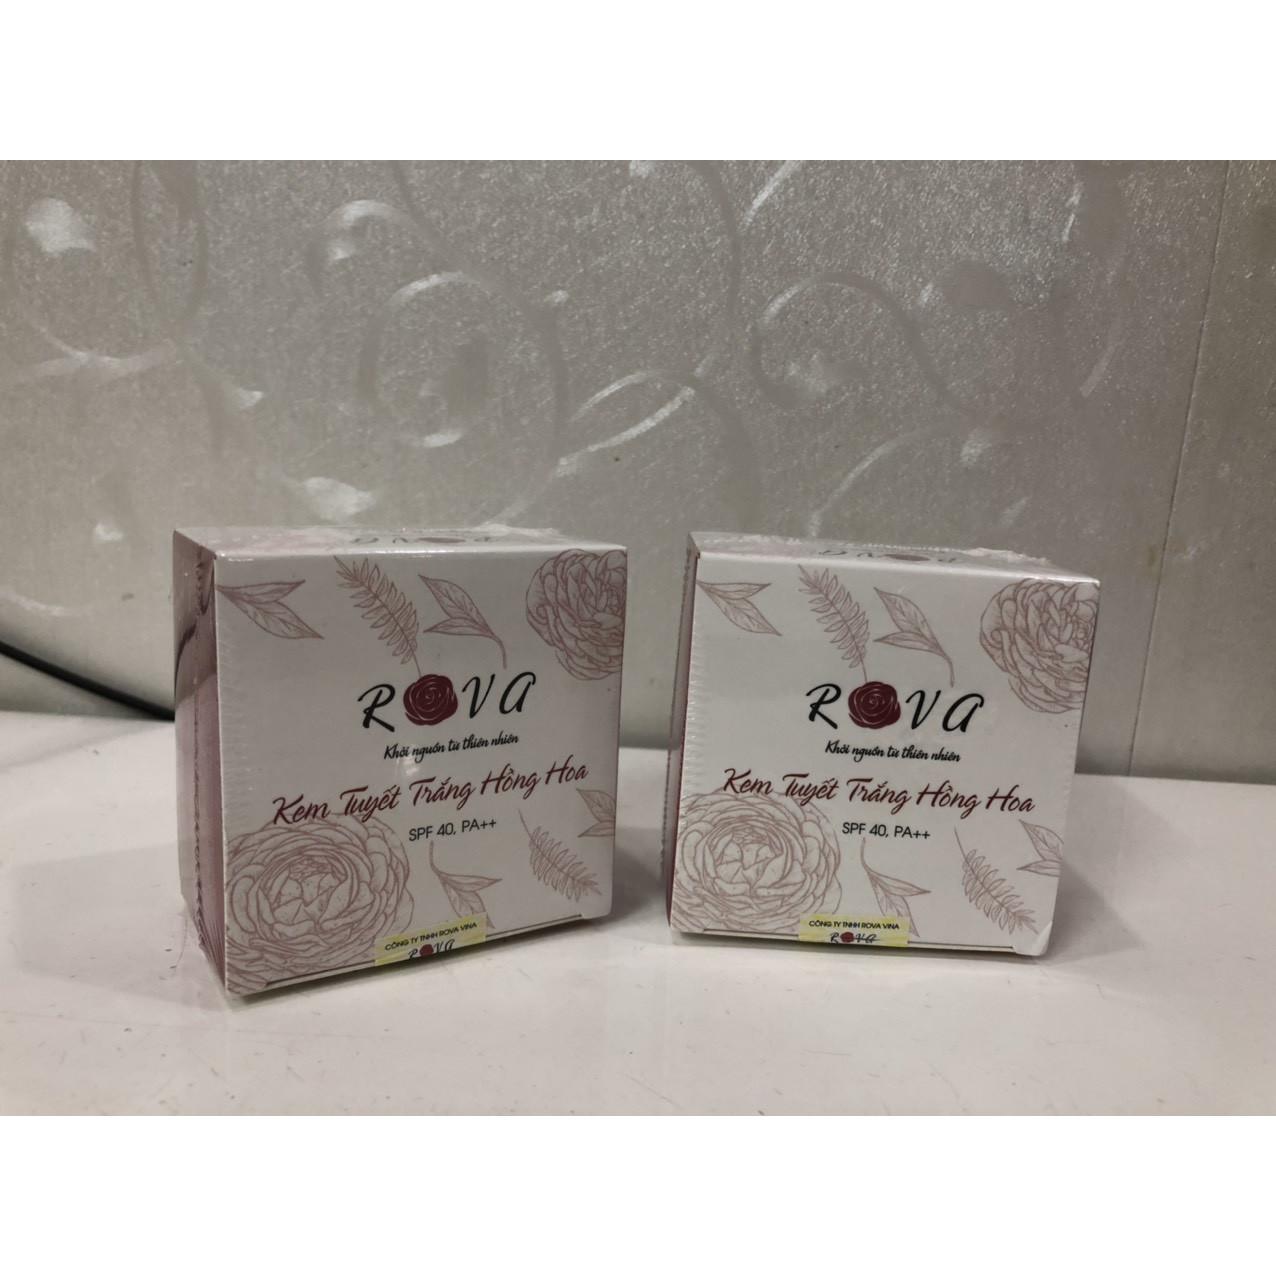 Kem nền dưỡng da và chống nắng Rova 3in1 độ SPF 40 PA ++, không bết rít, dưỡng trắng, phù hợp mọi loại da và da dầu (combo 2 hộp)